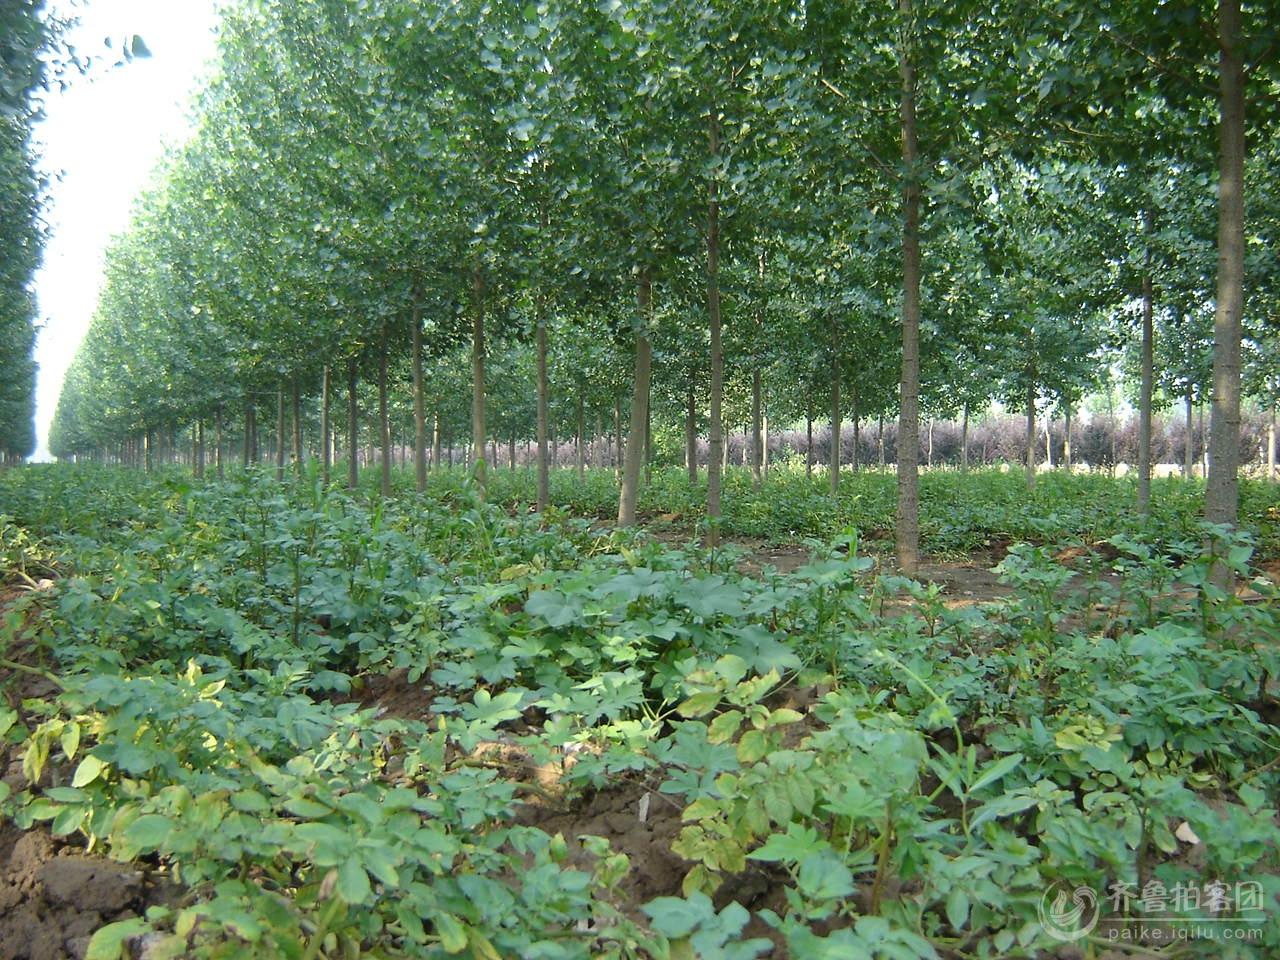 林下经济_...河南 安徽考察林下经济发展情况的报告 -学习交流